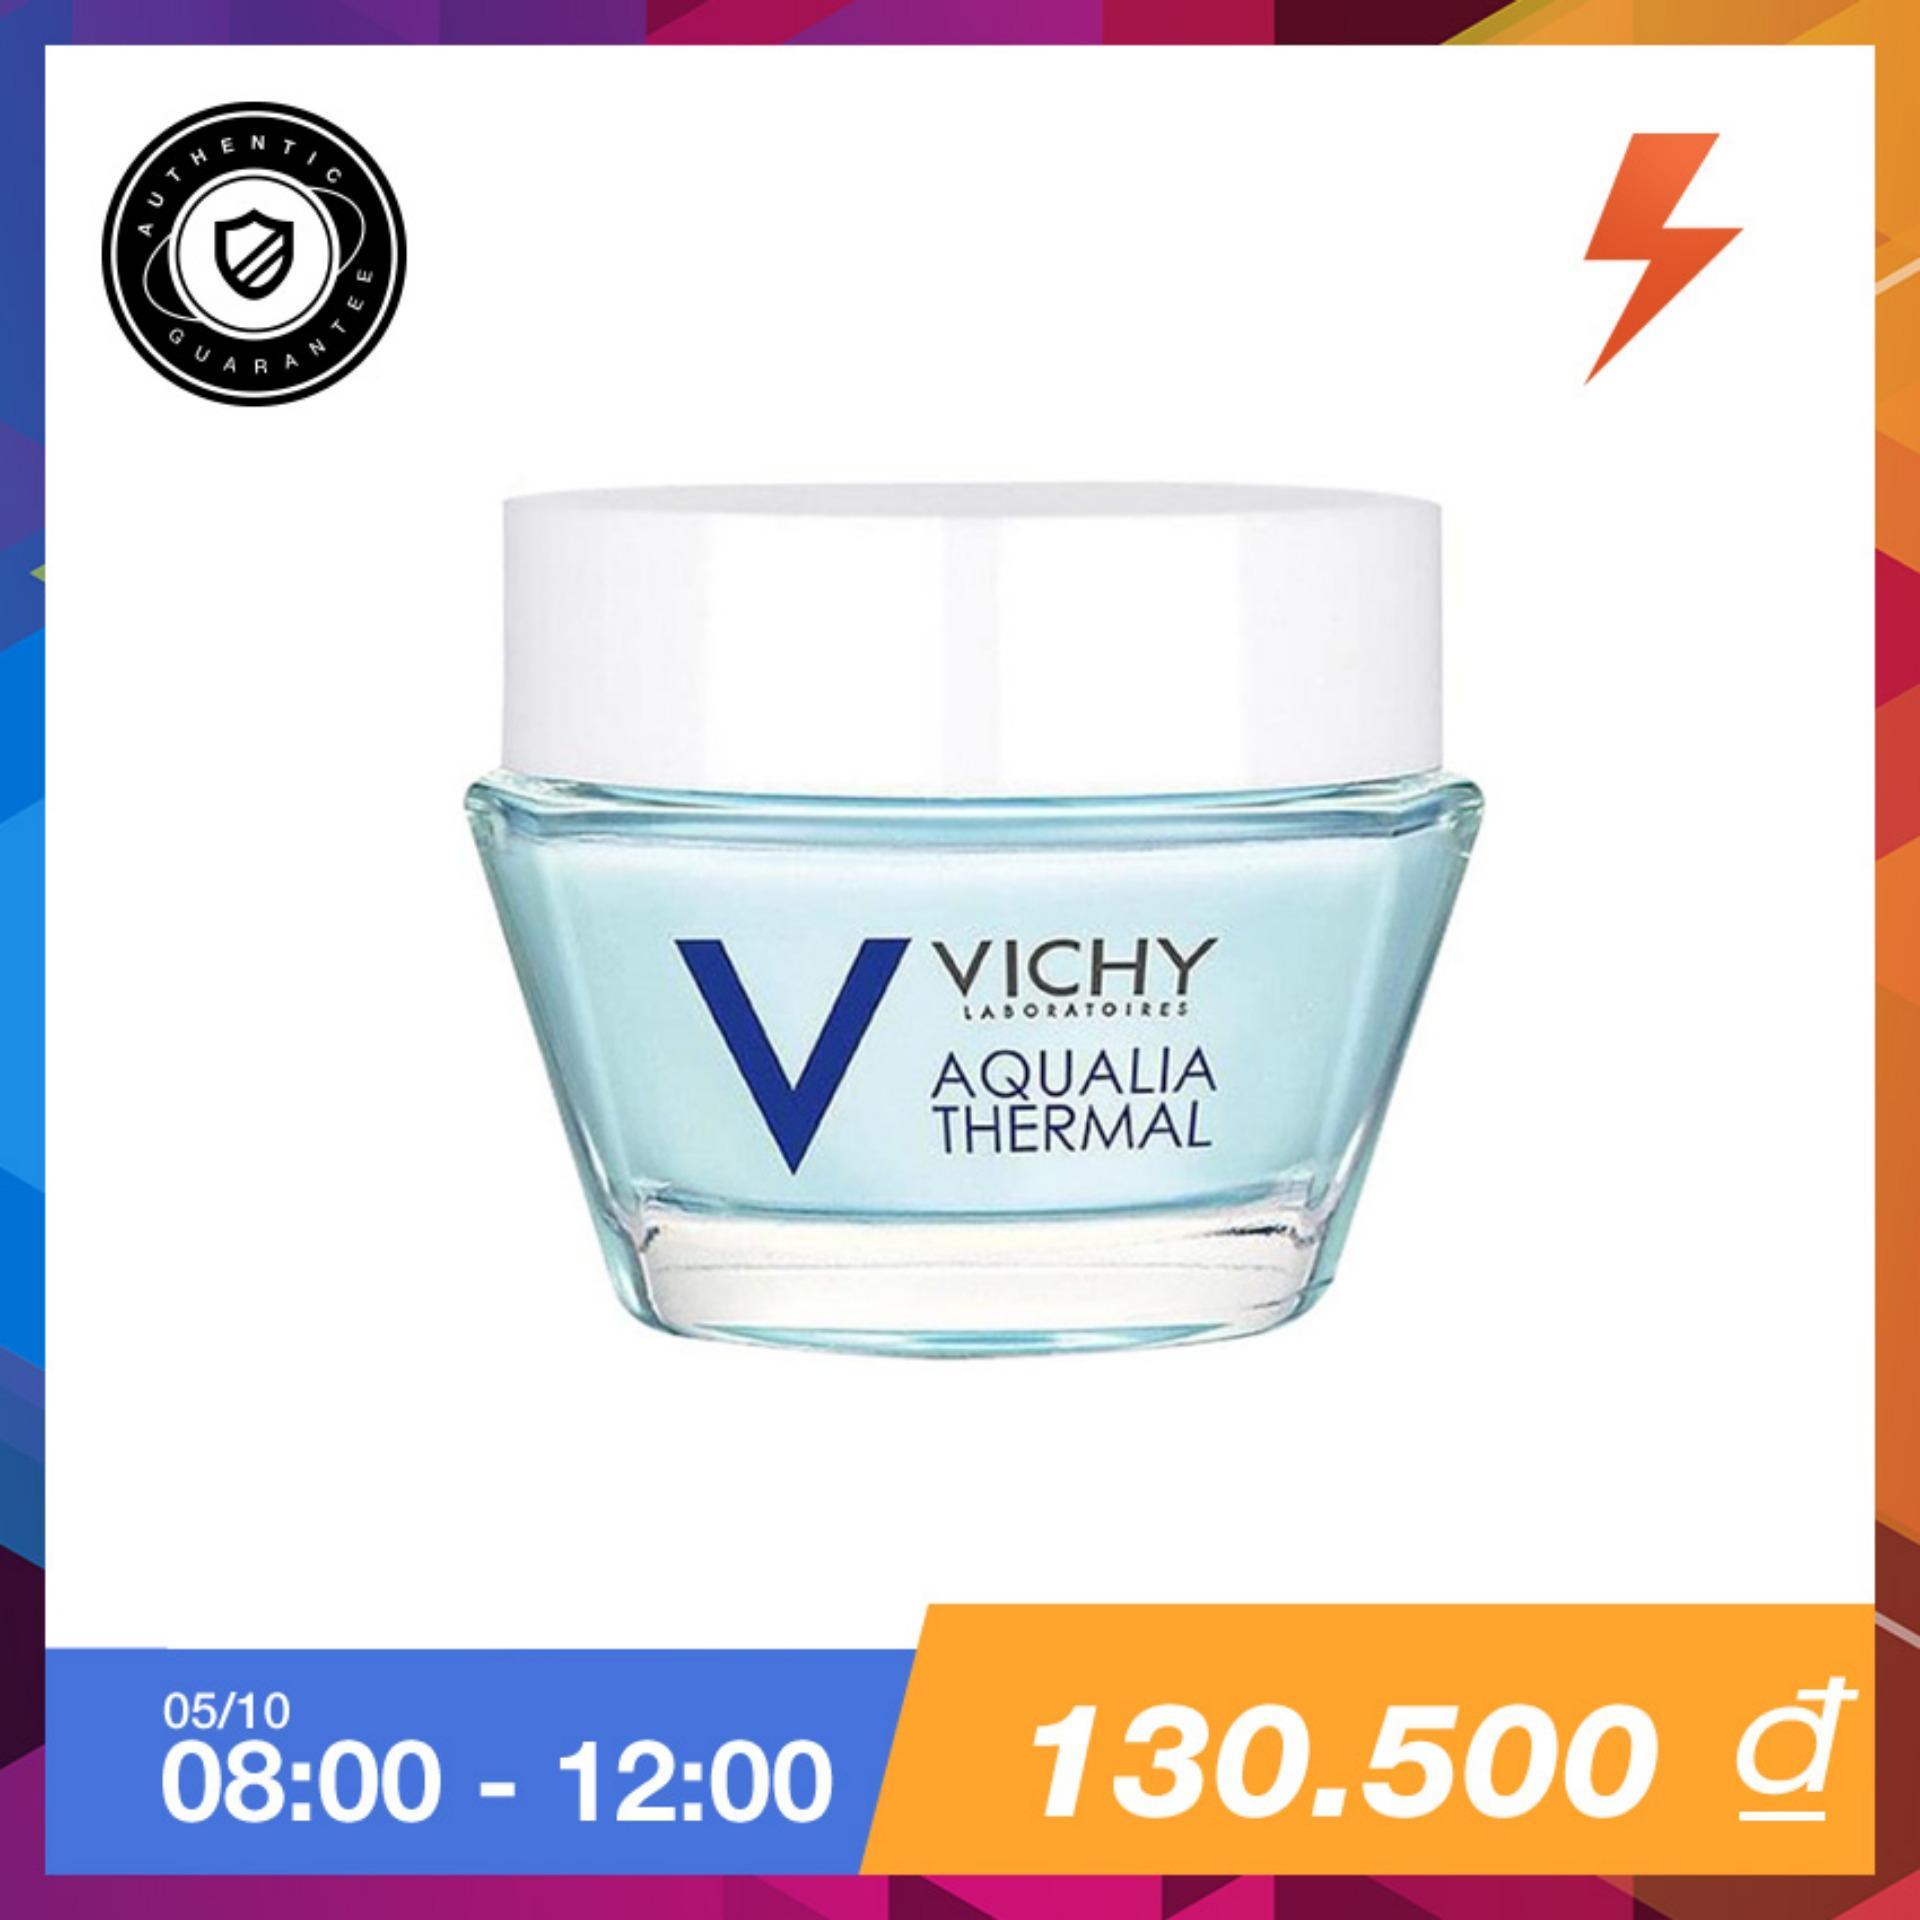 Mua Mặt Nạ Ngủ Cung Cấp Nước Tức Thi Vichy Aqualia 15Ml Vichy